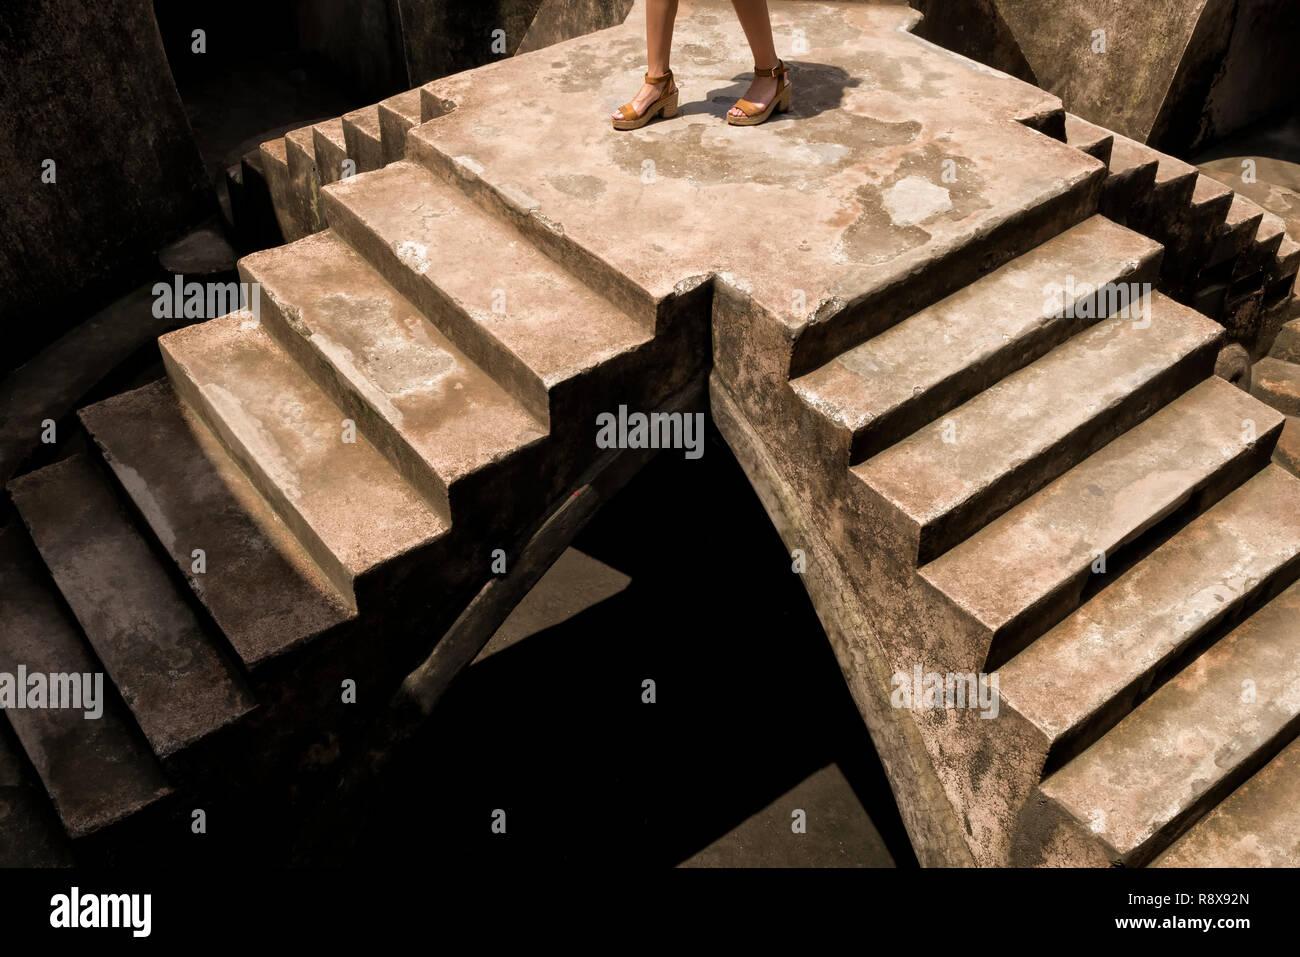 Sumur Gumuling stairways and catacombs, part of Taman Sari Complex in Yogyakarta Stock Photo